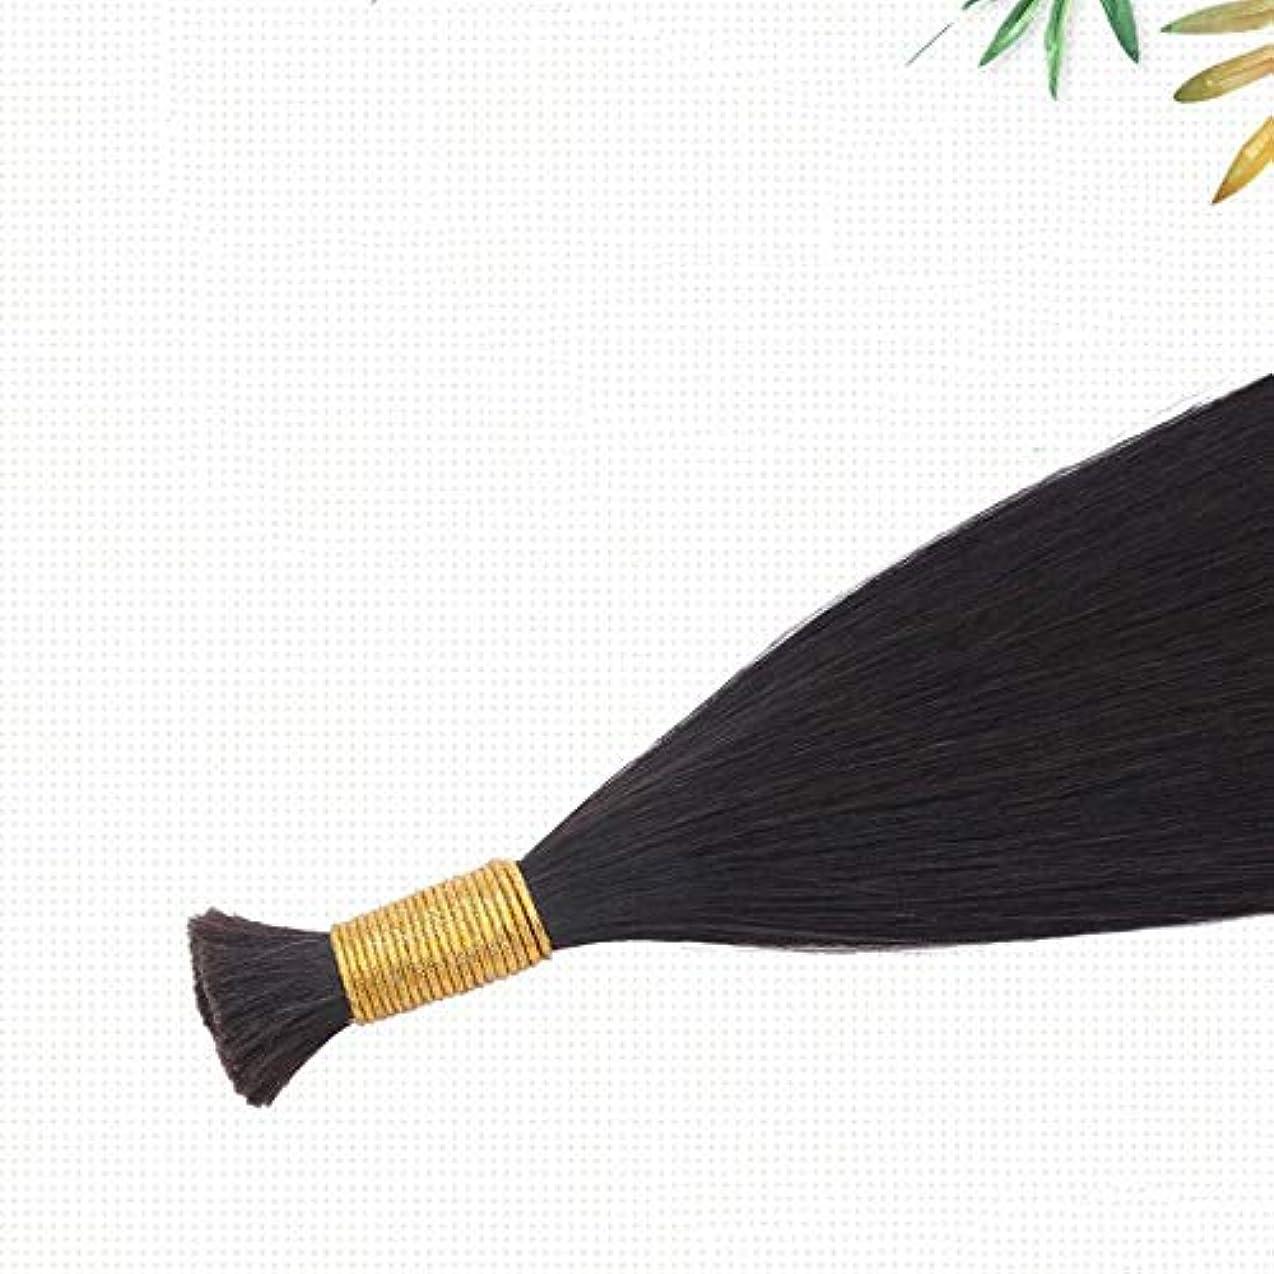 糞虫を数える稚魚JULYTER ナノリングヘアエクステンション100%存在する人間の髪の毛マイクロナノ50G /フリーリングは含まれています(生物学的色) (色 : Natural color, サイズ : 70cm)